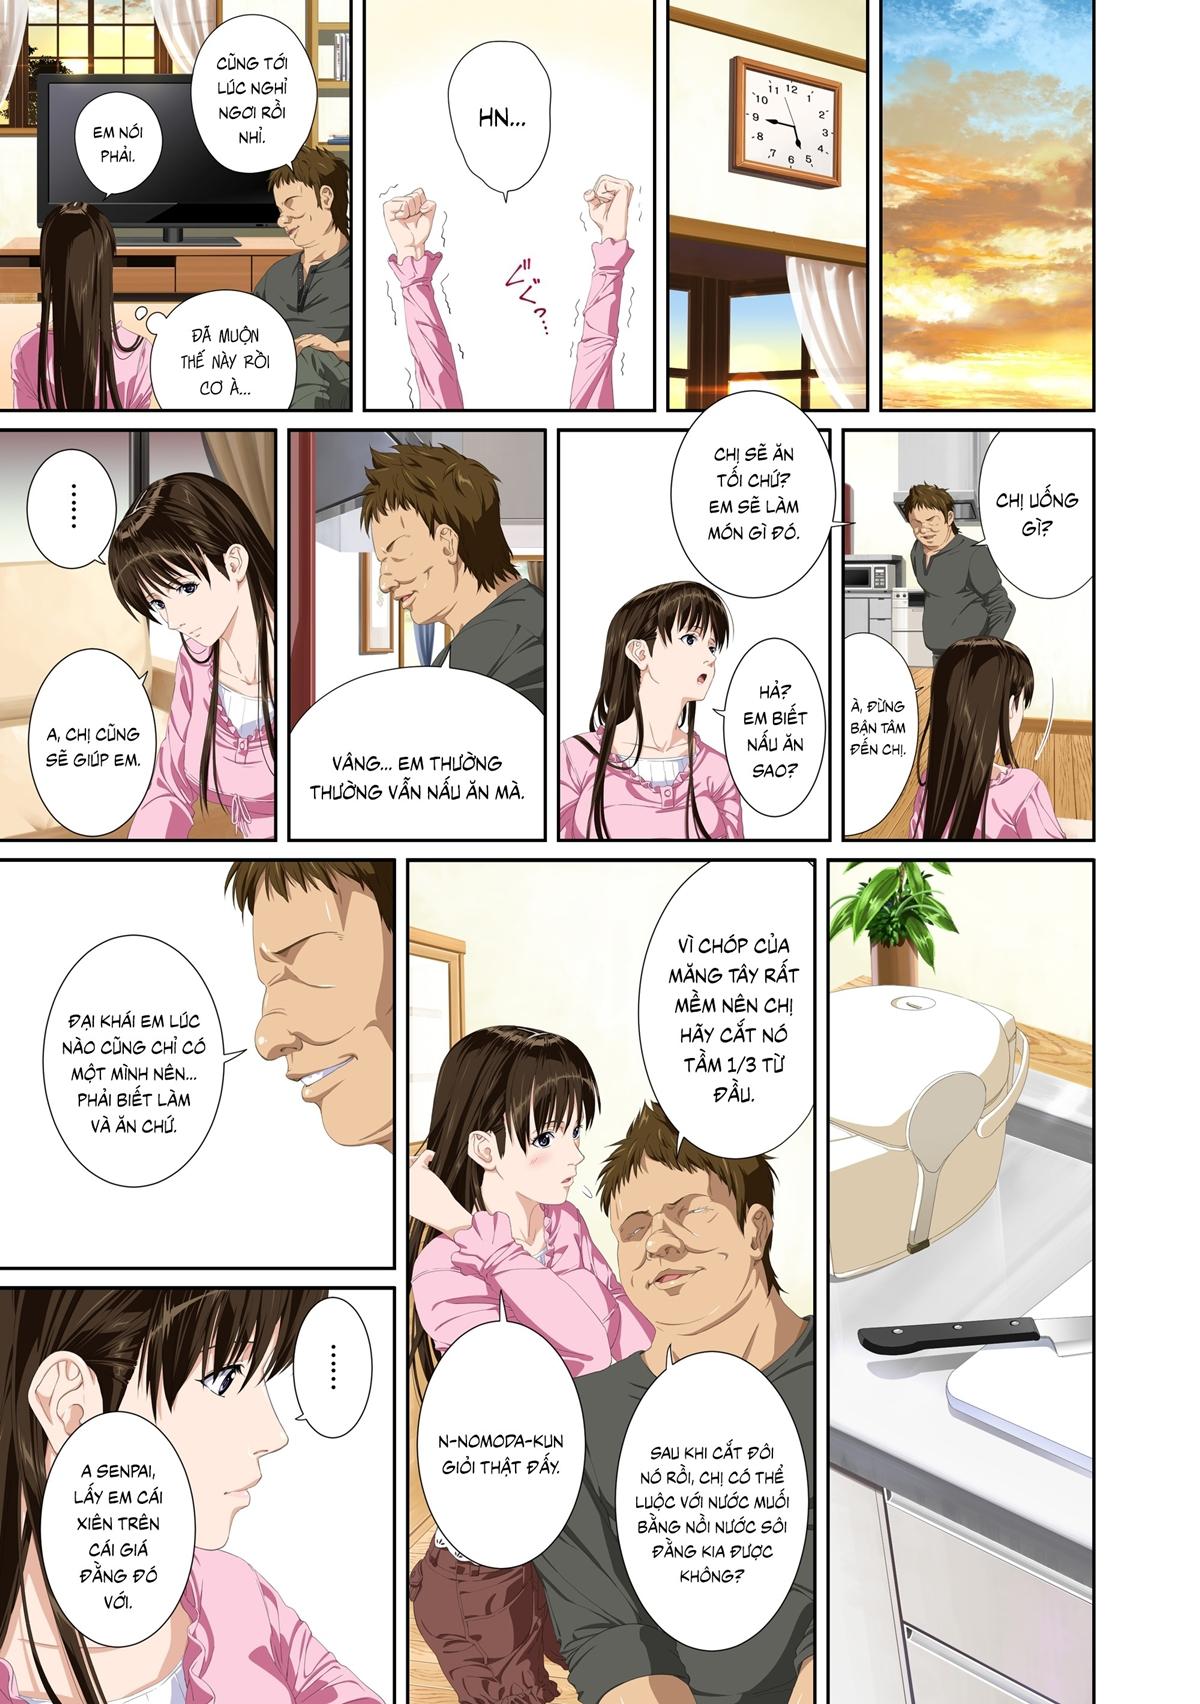 Truyện tranh sex địt em mỹ nhân trường học - Chap 2 - Truyện Hentai